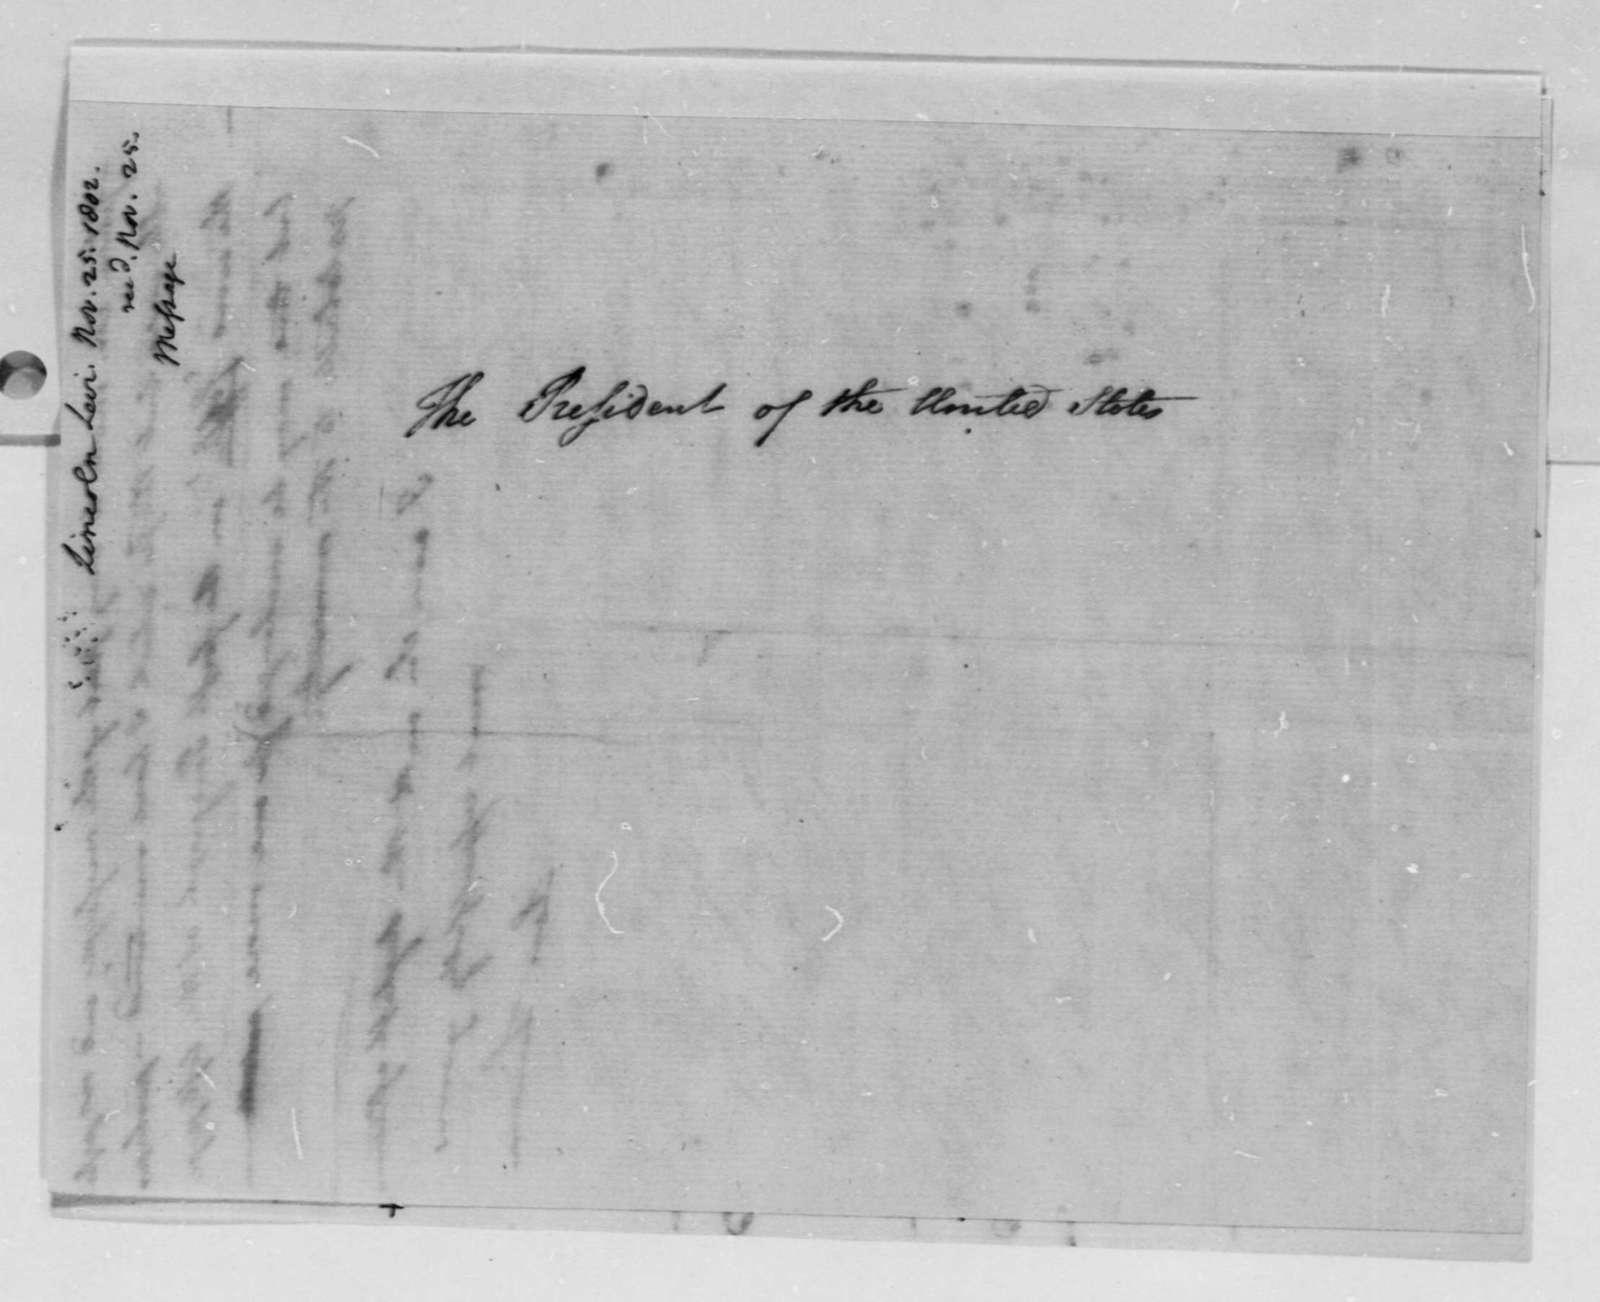 Levi Lincoln to Thomas Jefferson, November 25, 1802